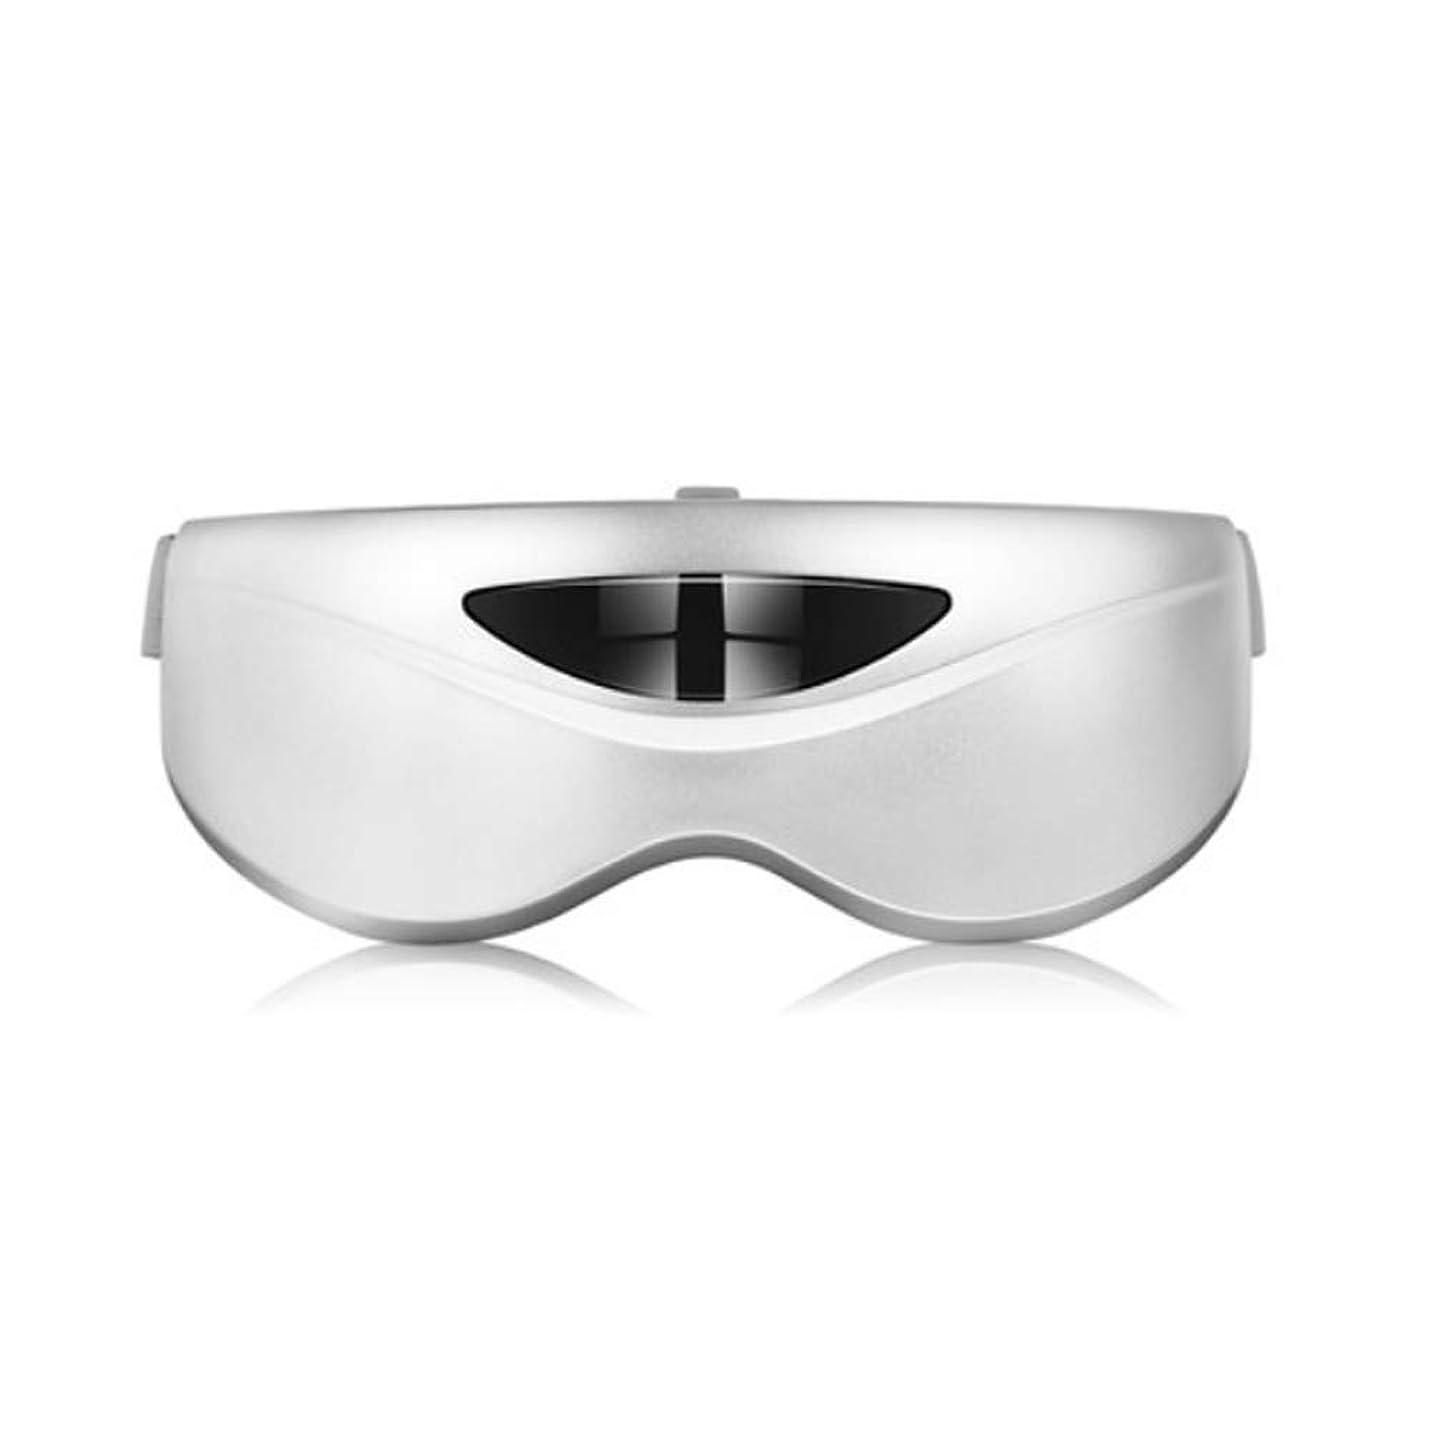 鉛交換可能コンサルタントマッサージ器 - 熱を緩和するアイケア機器アイマスク疲労マッサージ器 (色 : シルバー しるば゜)